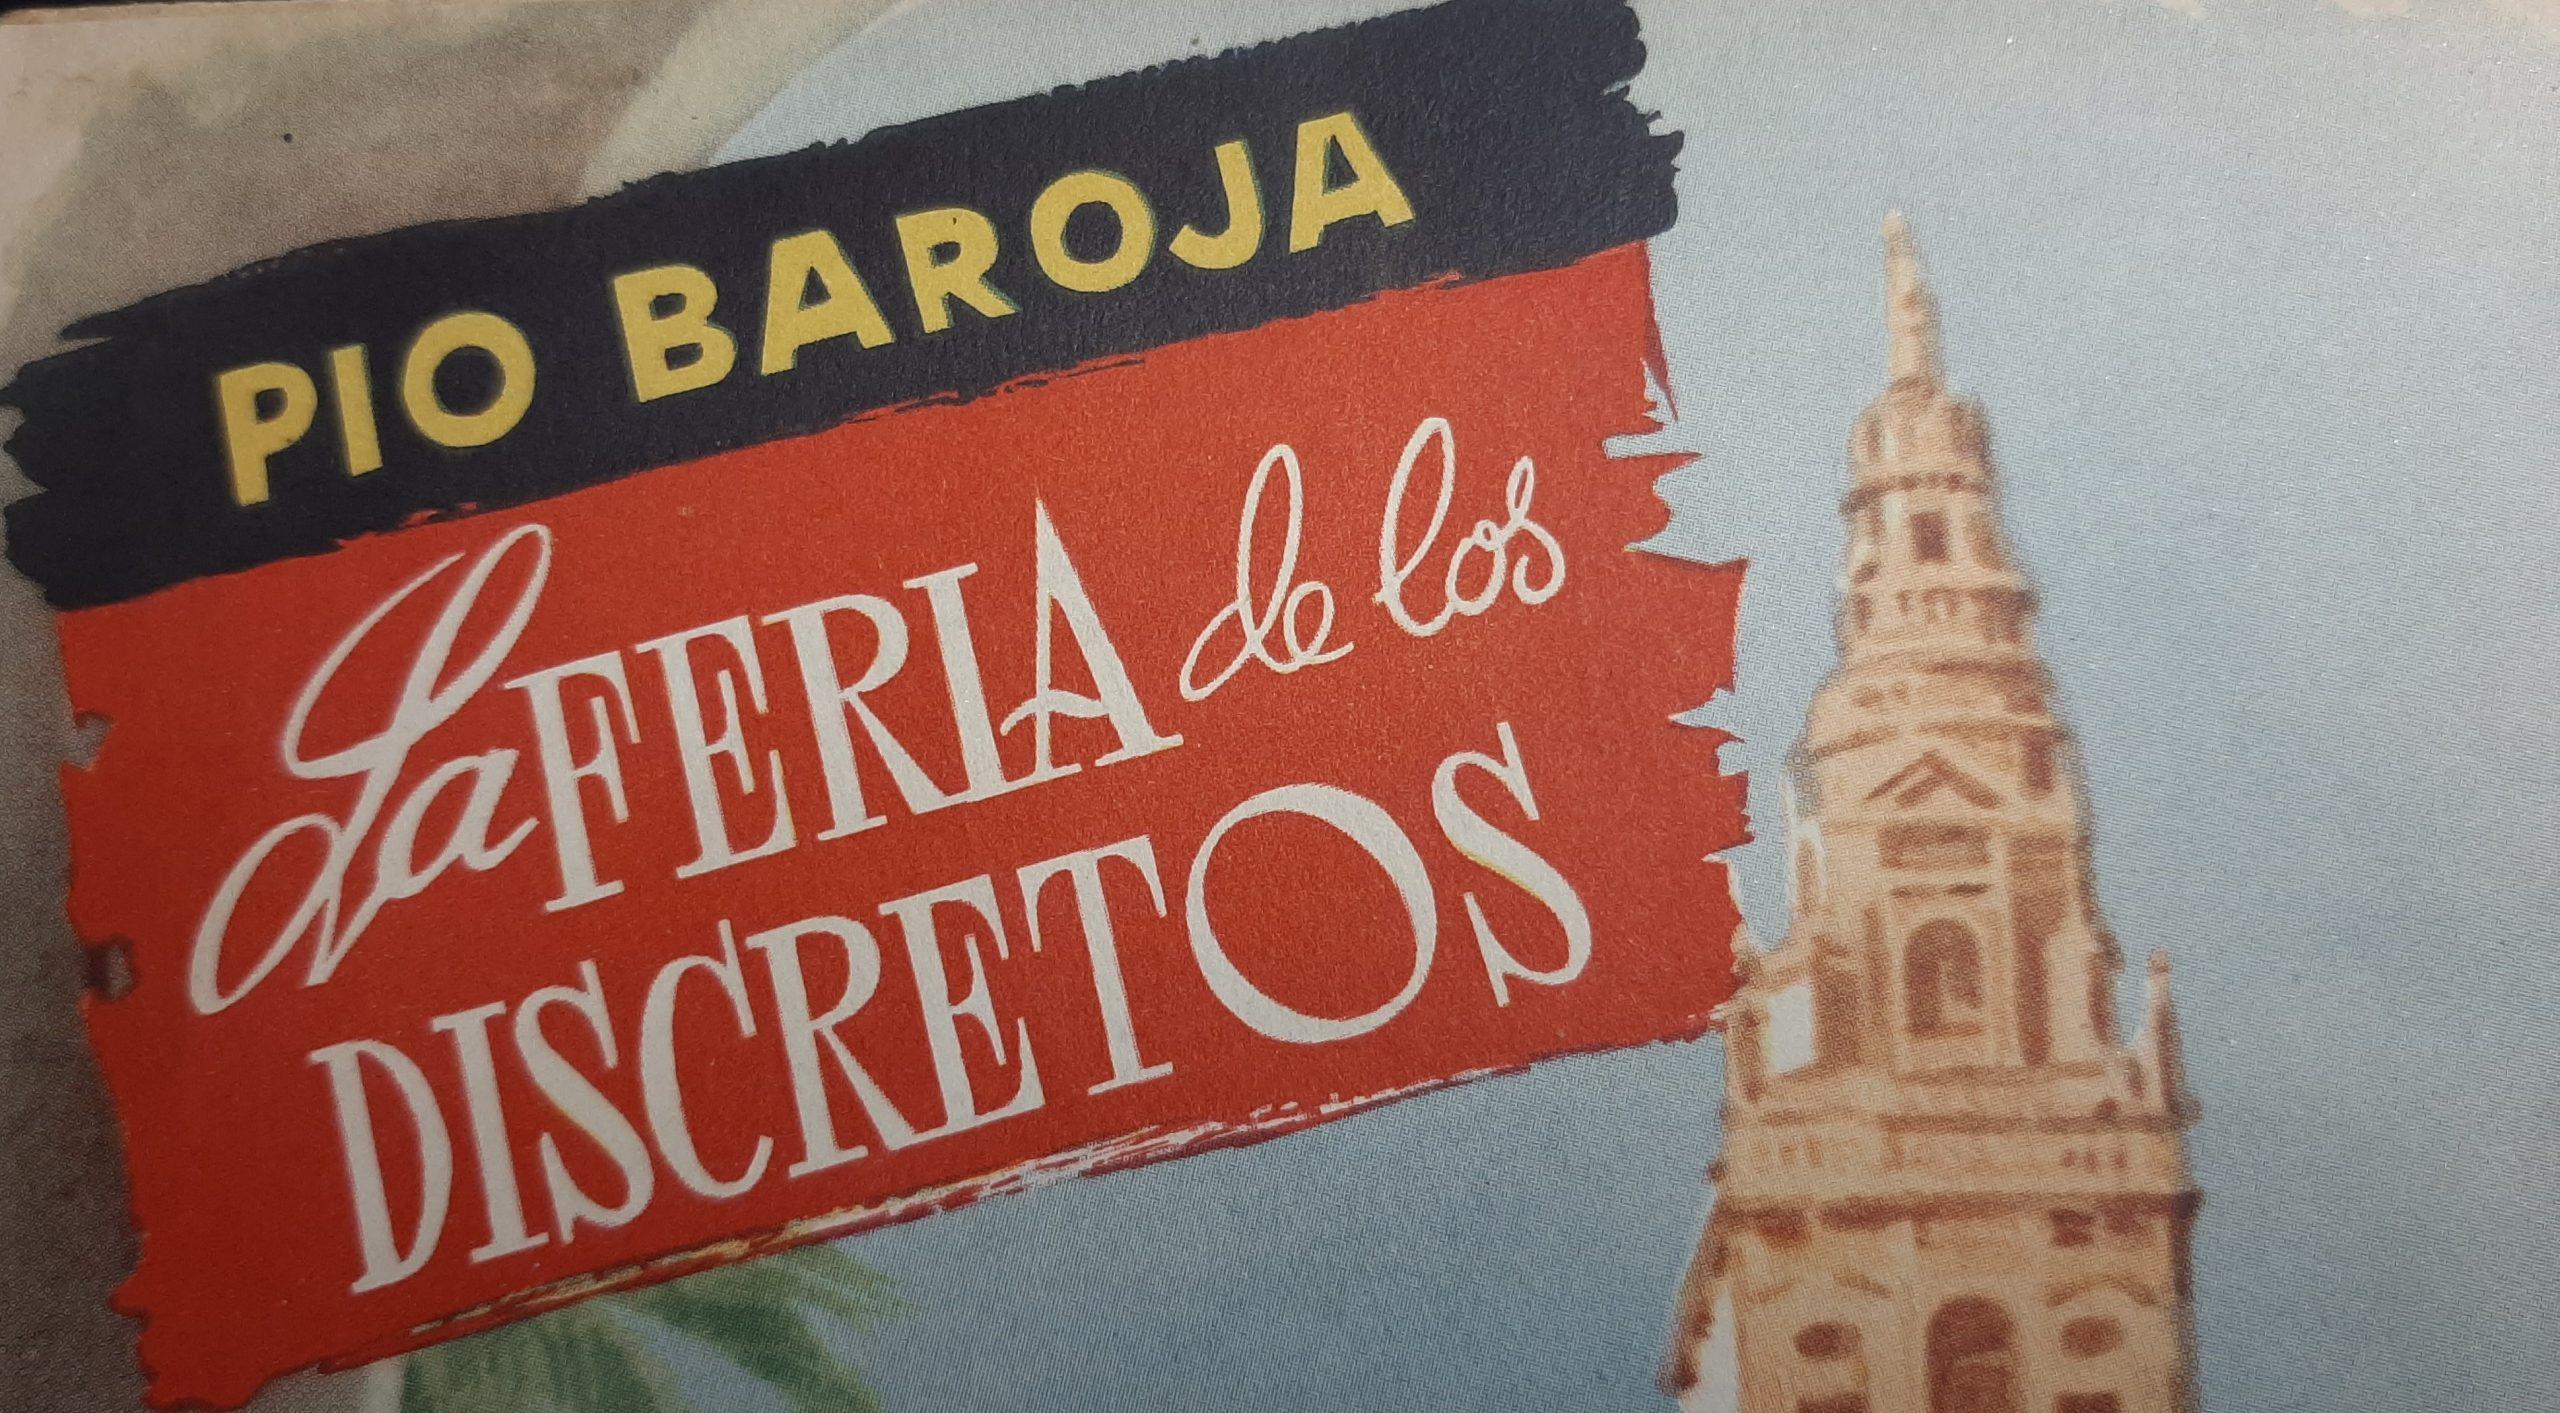 MARIDAJE FERIA DE LOS DISCRTOS Y PEROL CORDOBES